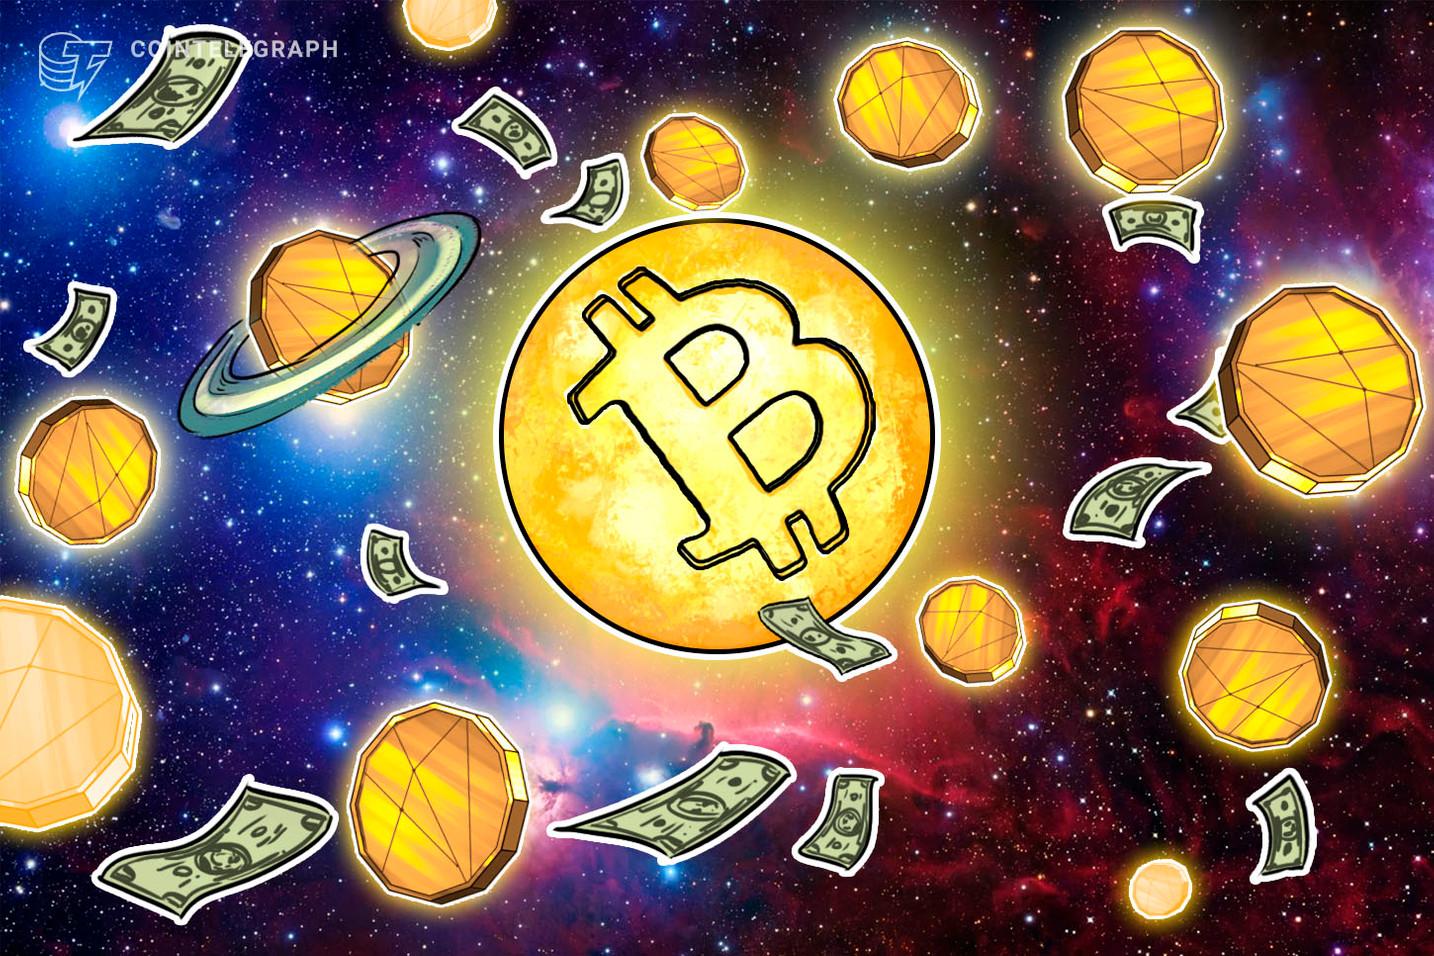 Los gráficos de precios de Bitcoin sugieren que los 11 mil dólares probablemente causarán problemas para los alcistas de BTC